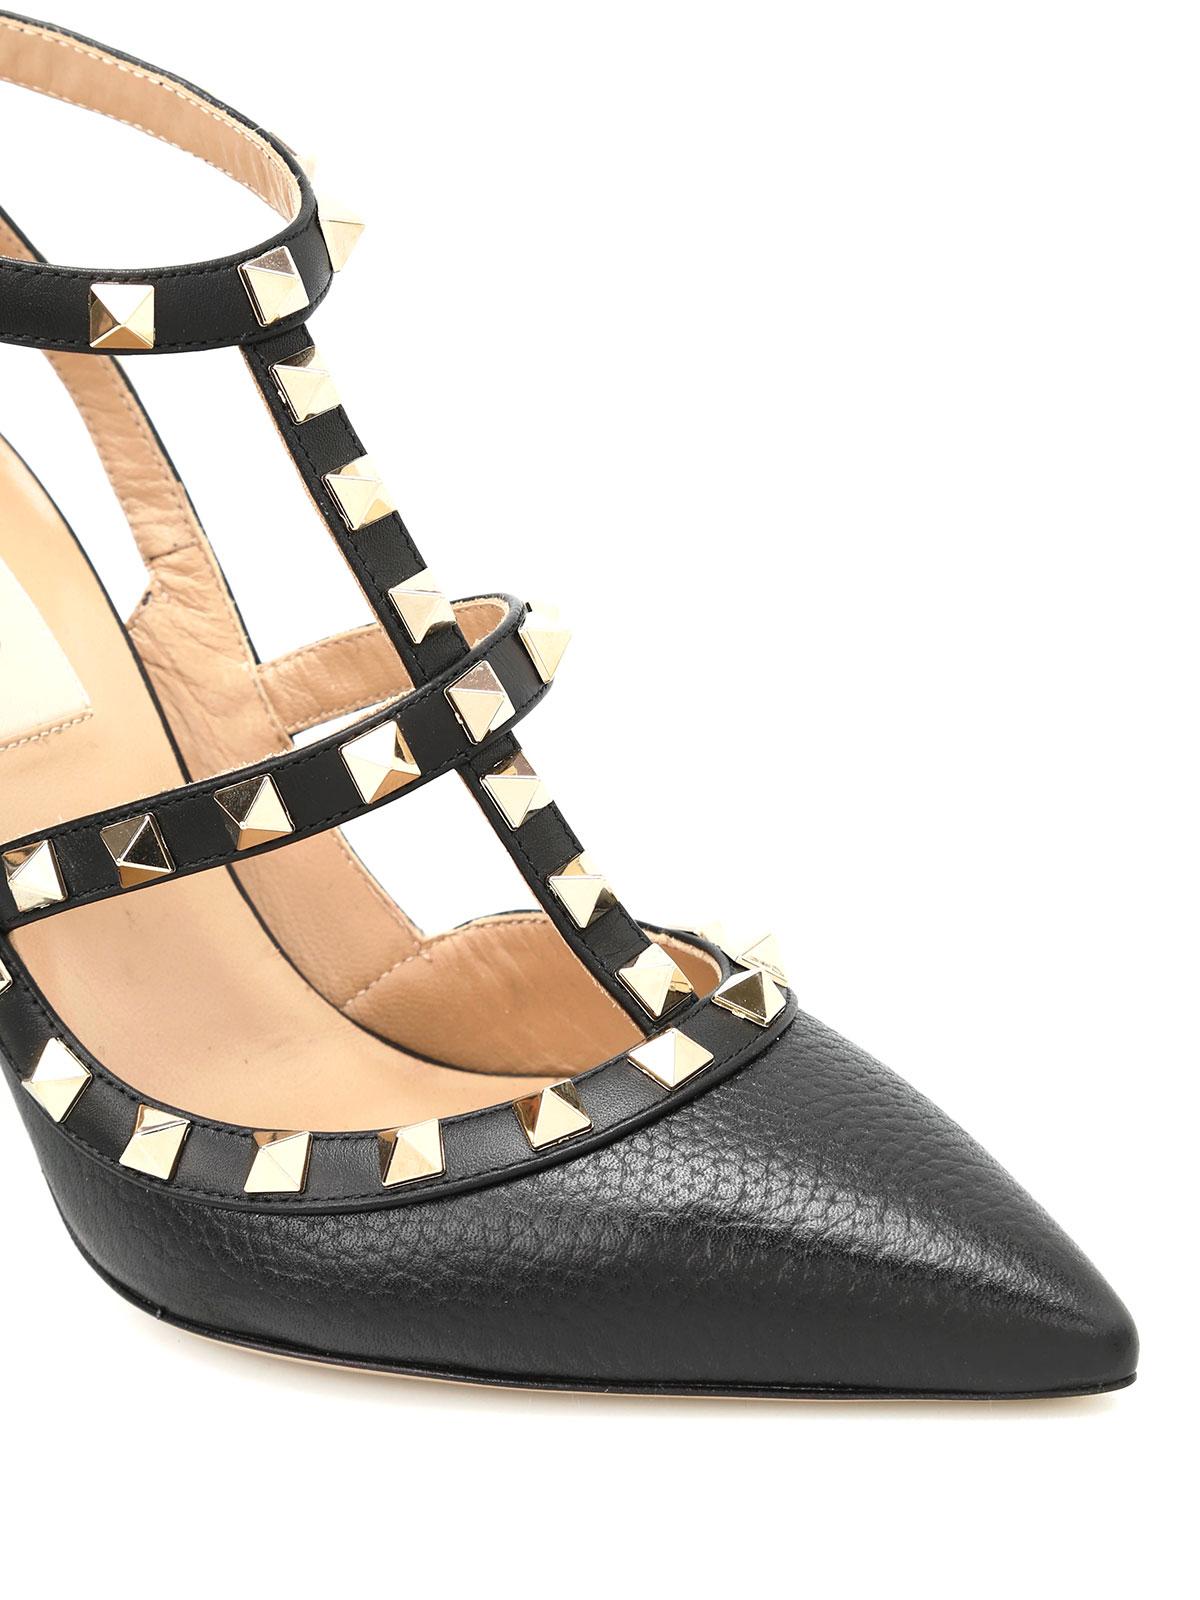 85f4c45fd6f iKRIX VALENTINO GARAVANI  court shoes - Rockstud slingback leather pumps